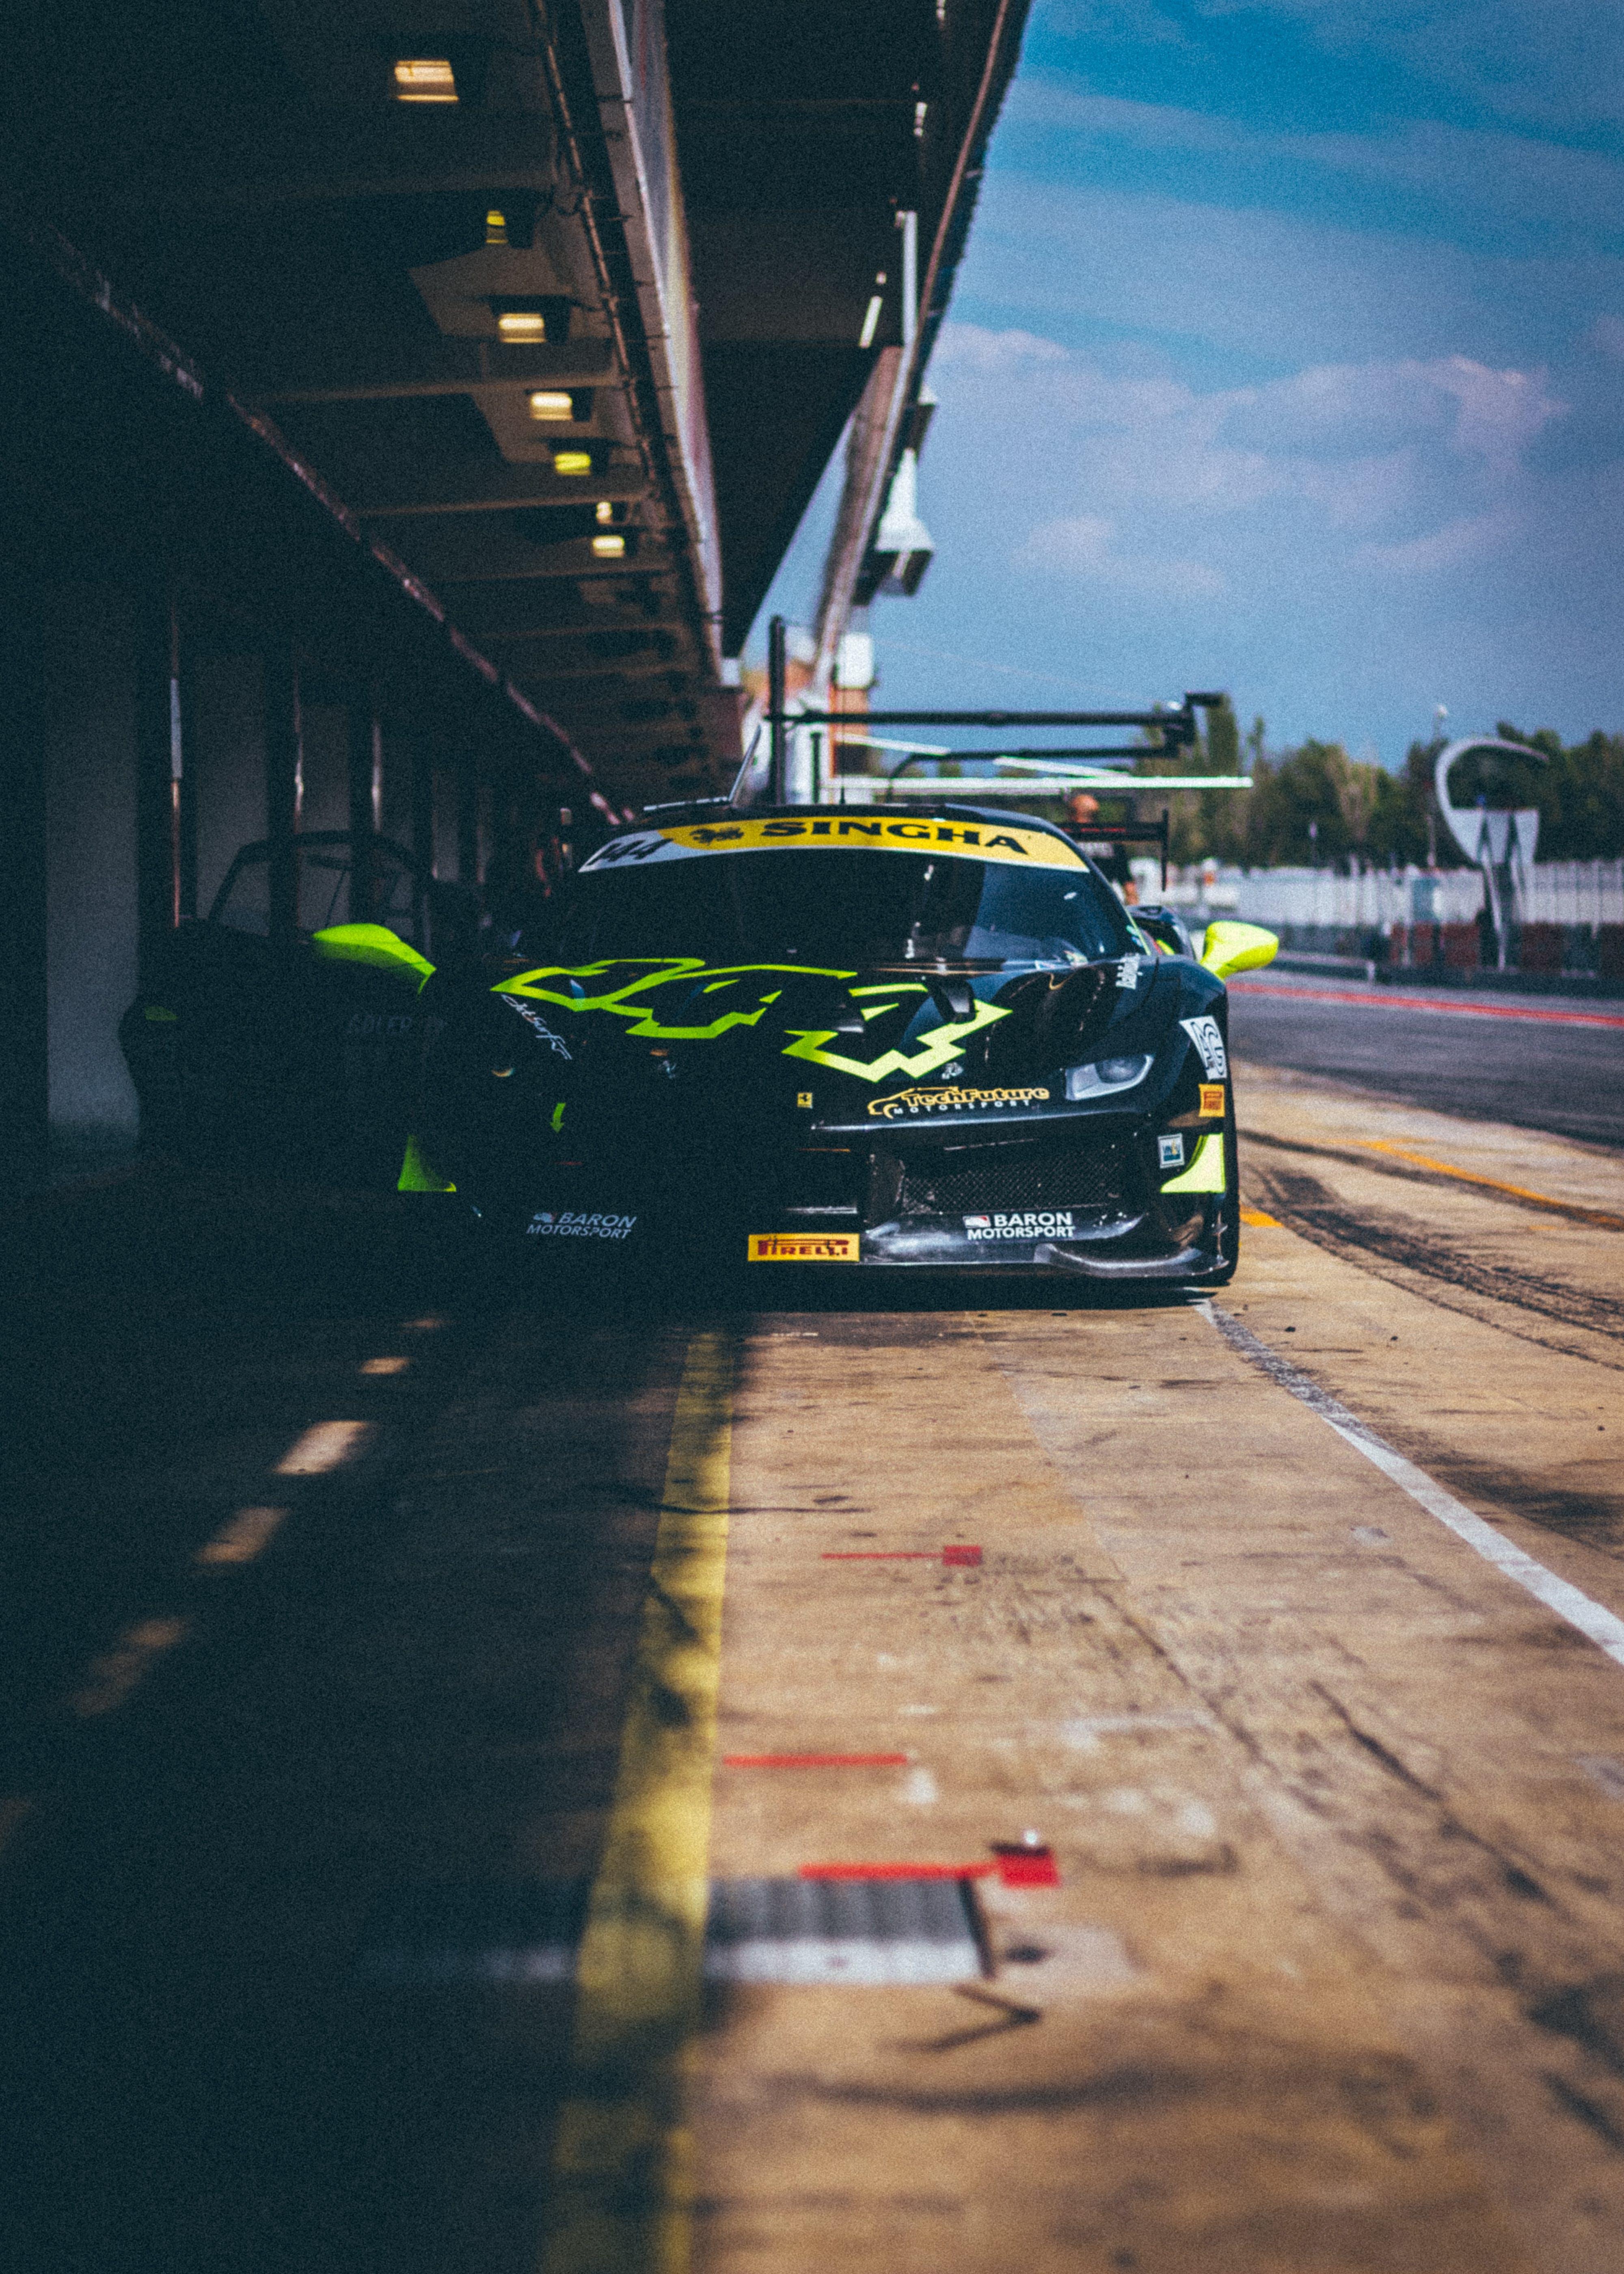 Foto profissional grátis de automobilismo, automóvel, calçamento, carro de corrida